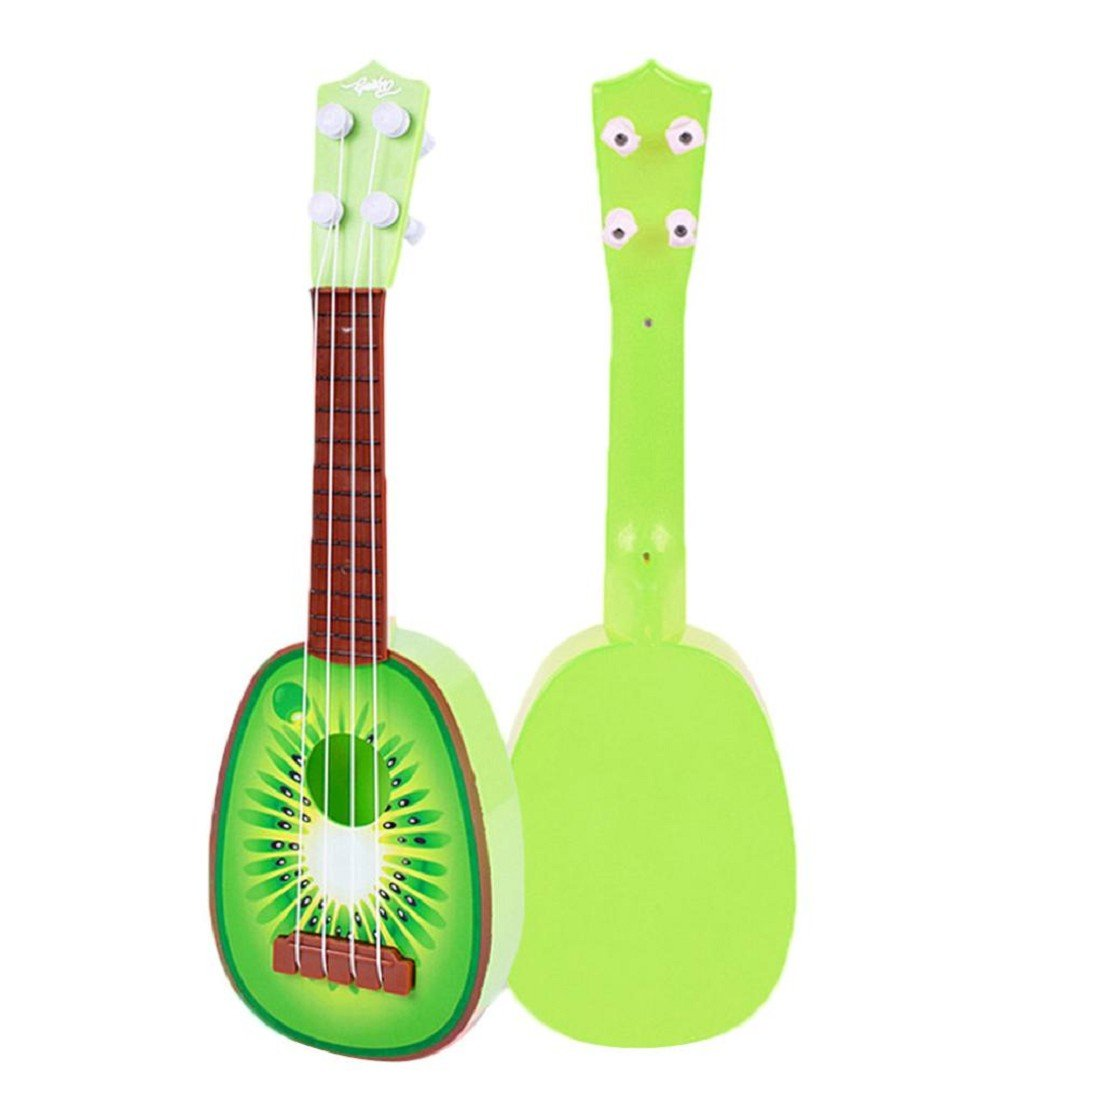 Tongshi Los niños aprenden Guitarra Ukulele Mini fruta puede tocar instrumentos musicales Juguetes: Amazon.es: Juguetes y juegos